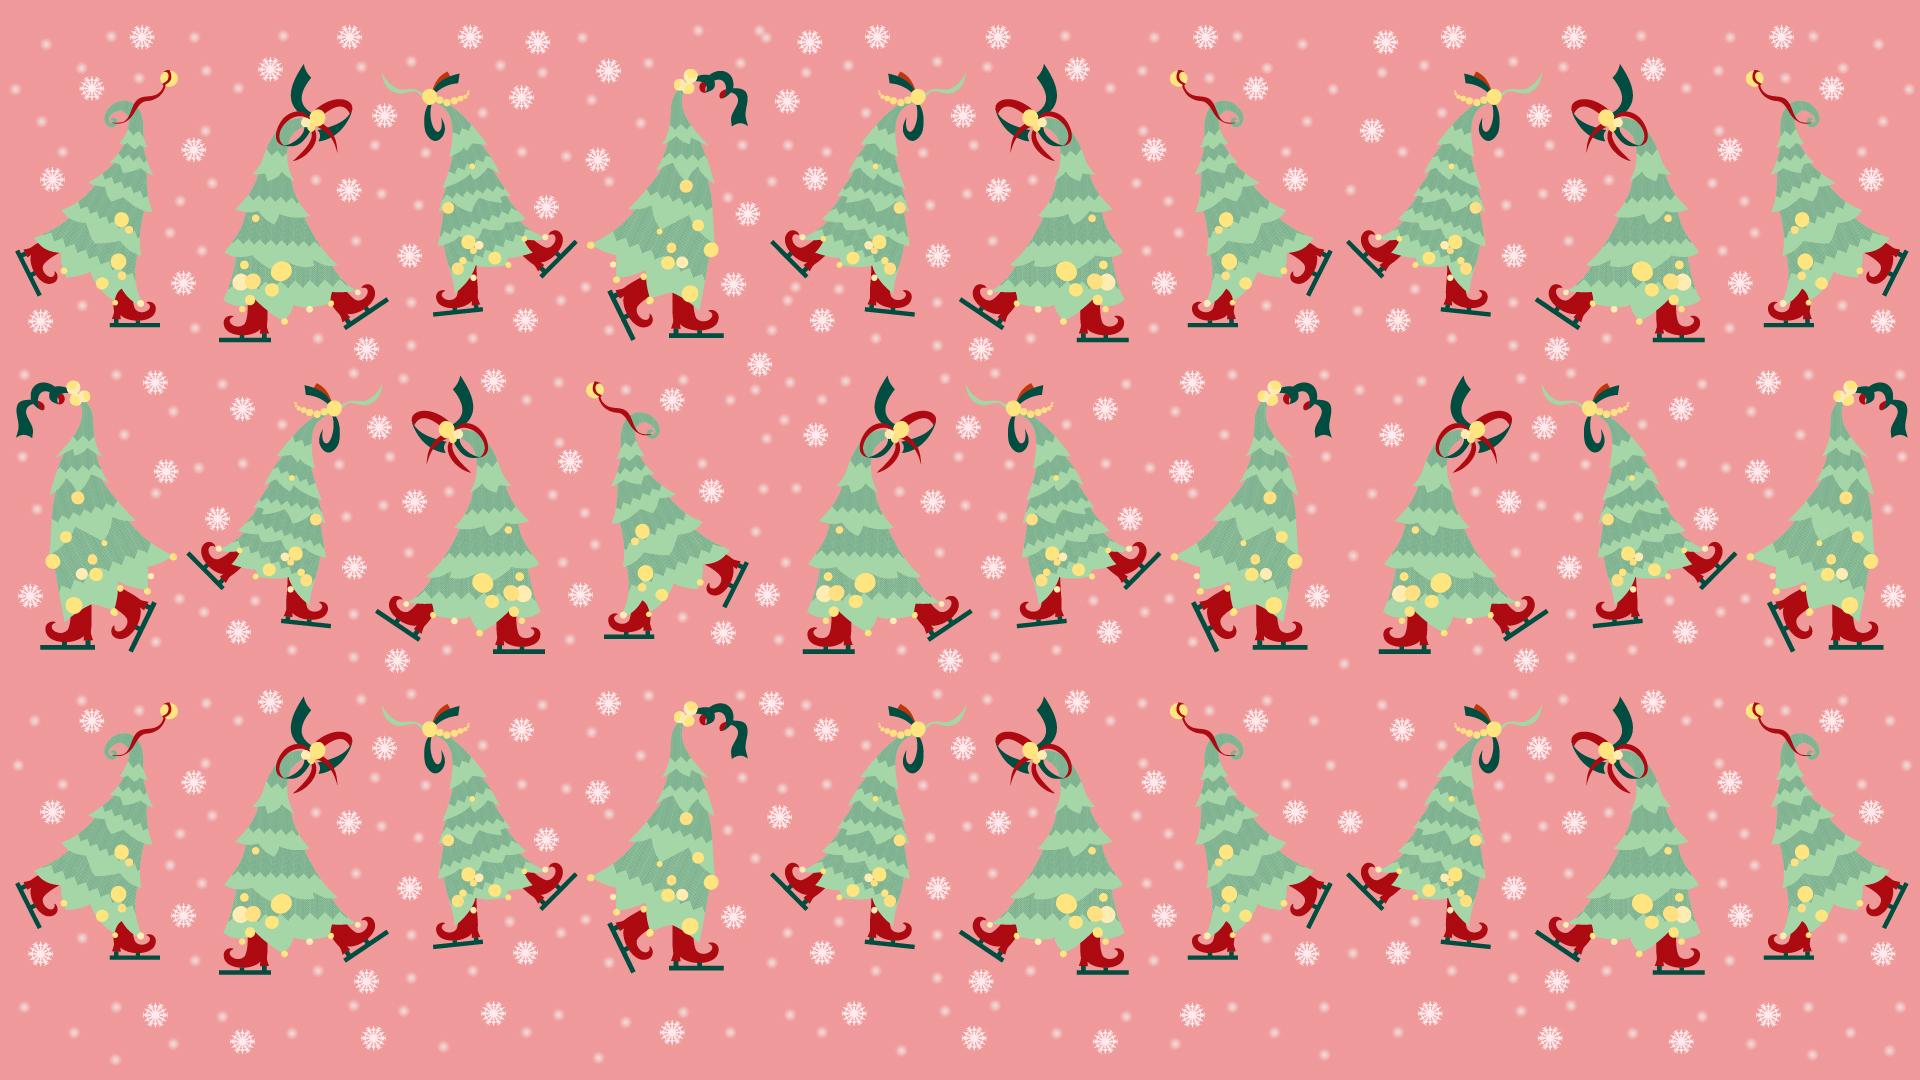 Wallpaper For Laptop Christmas